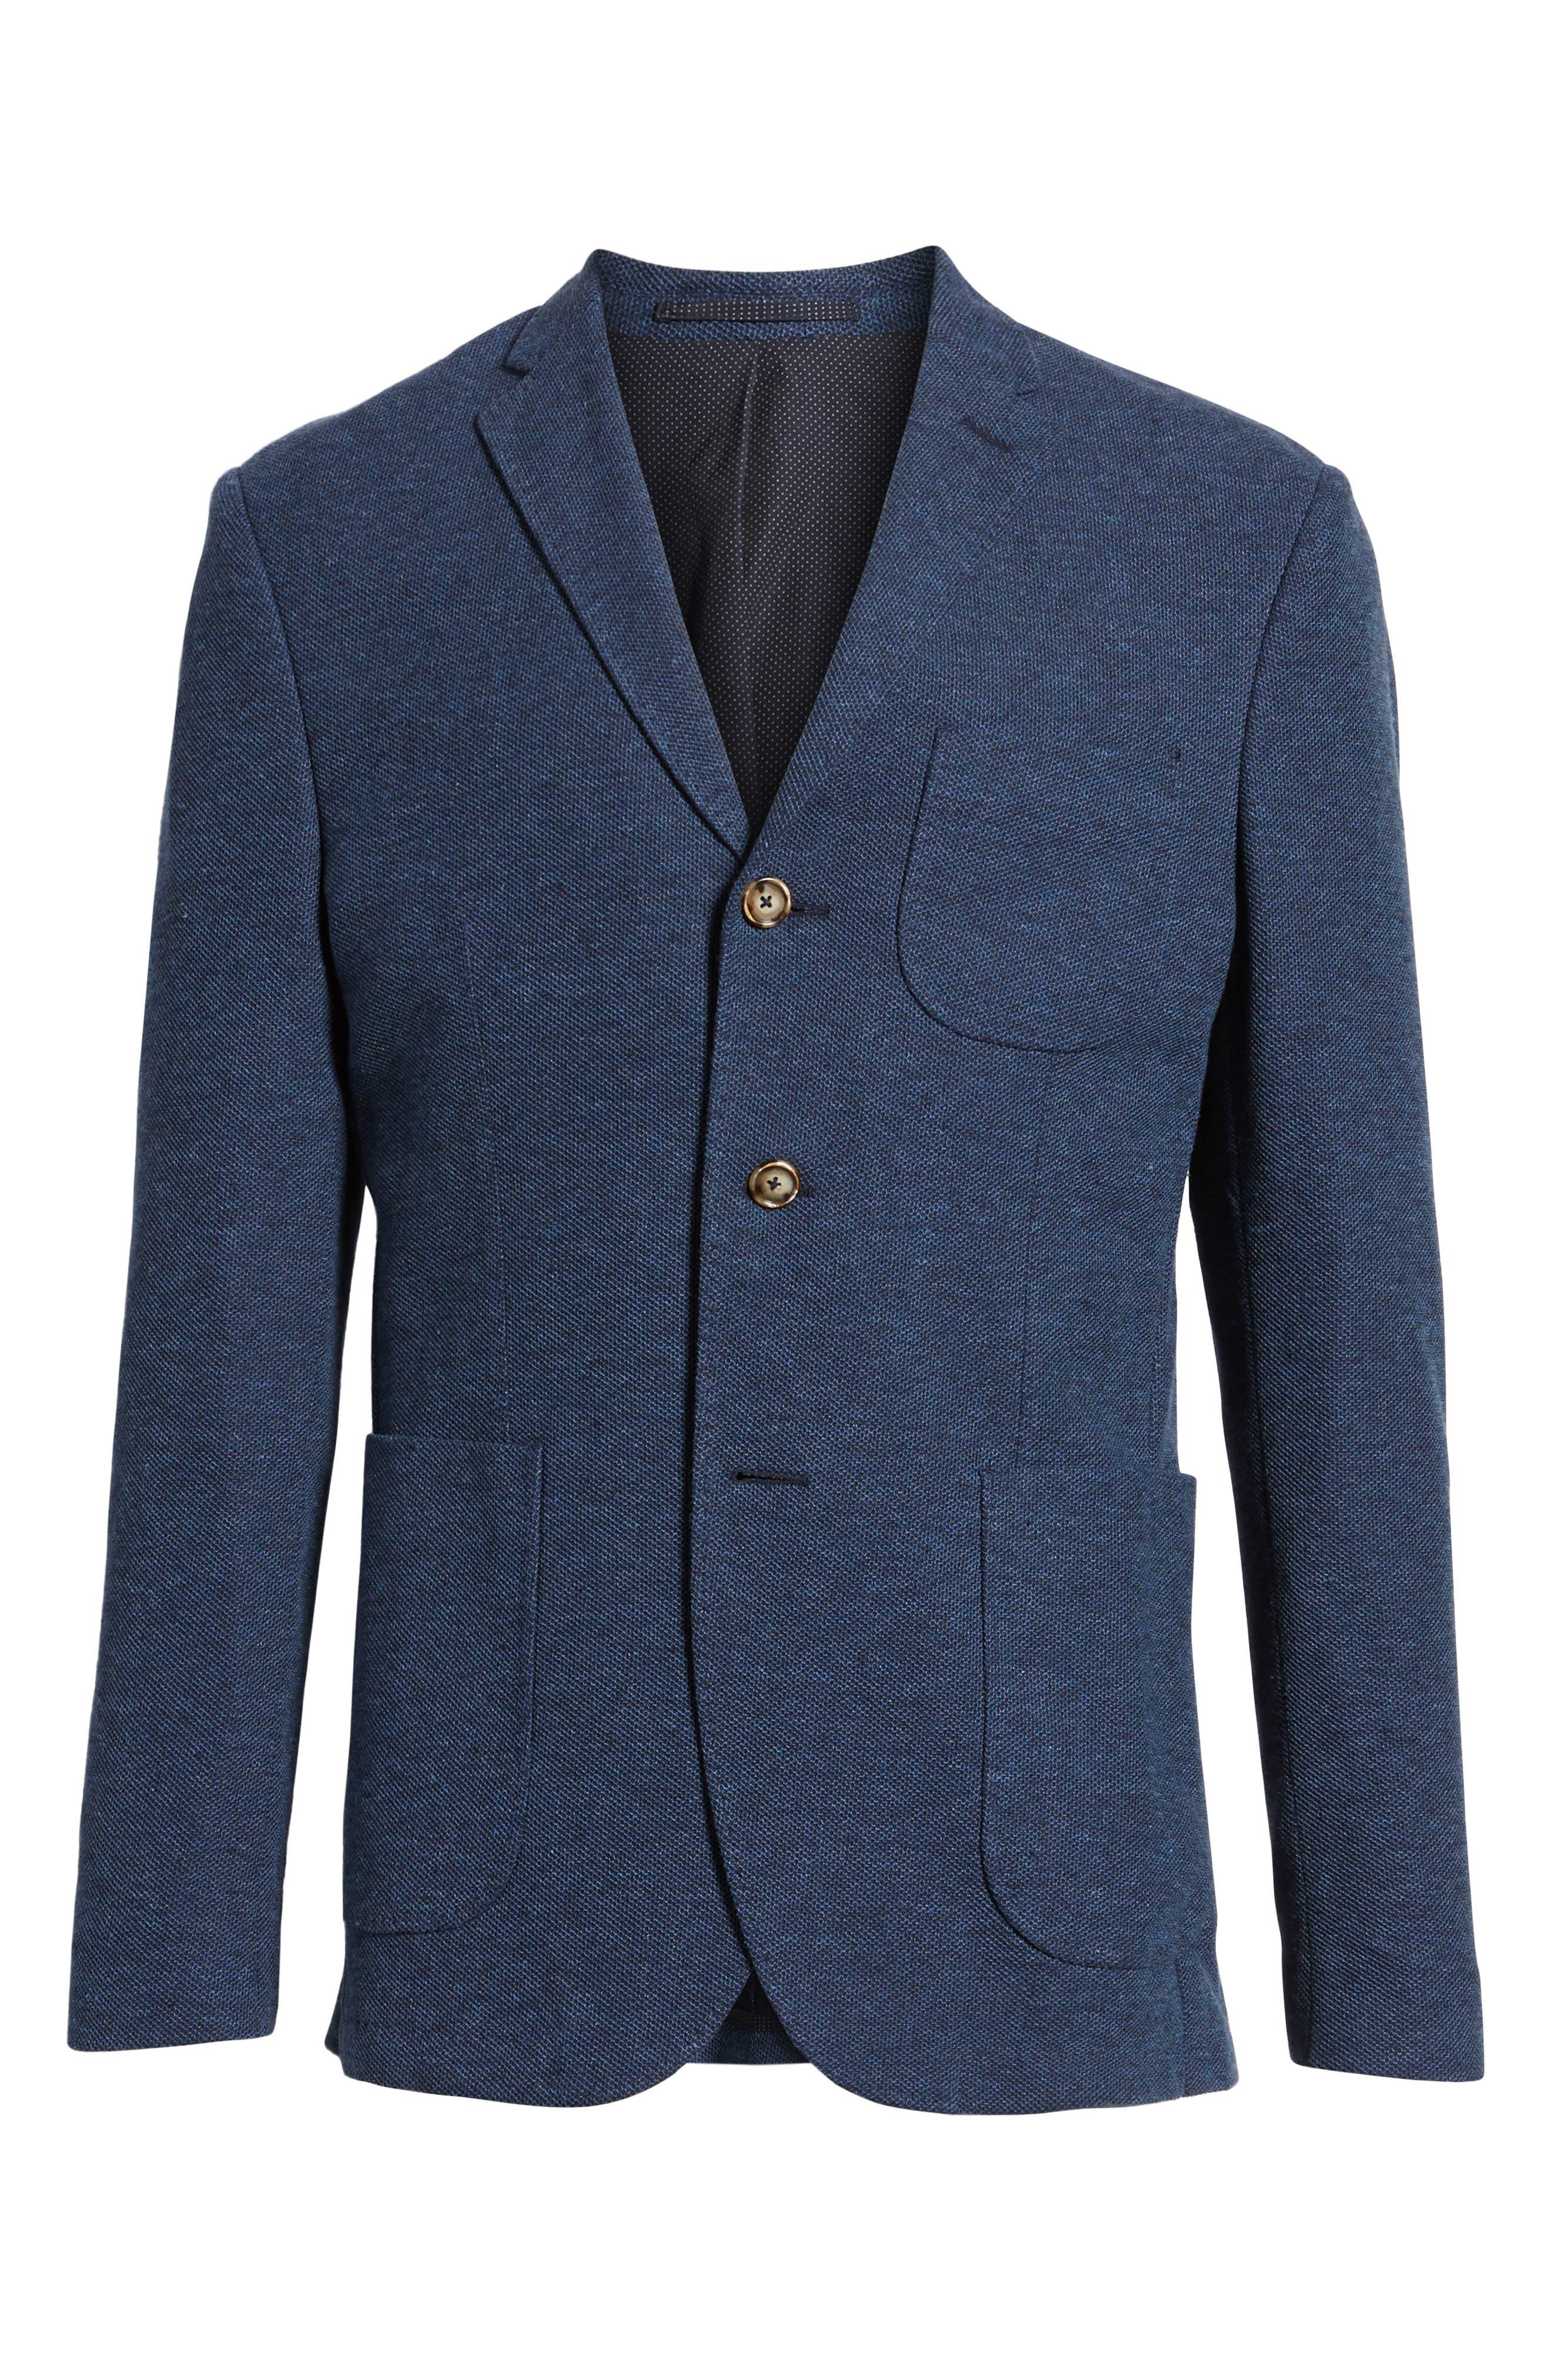 Trim Fit Cotton Blend Blazer,                             Alternate thumbnail 6, color,                             Mid Blue